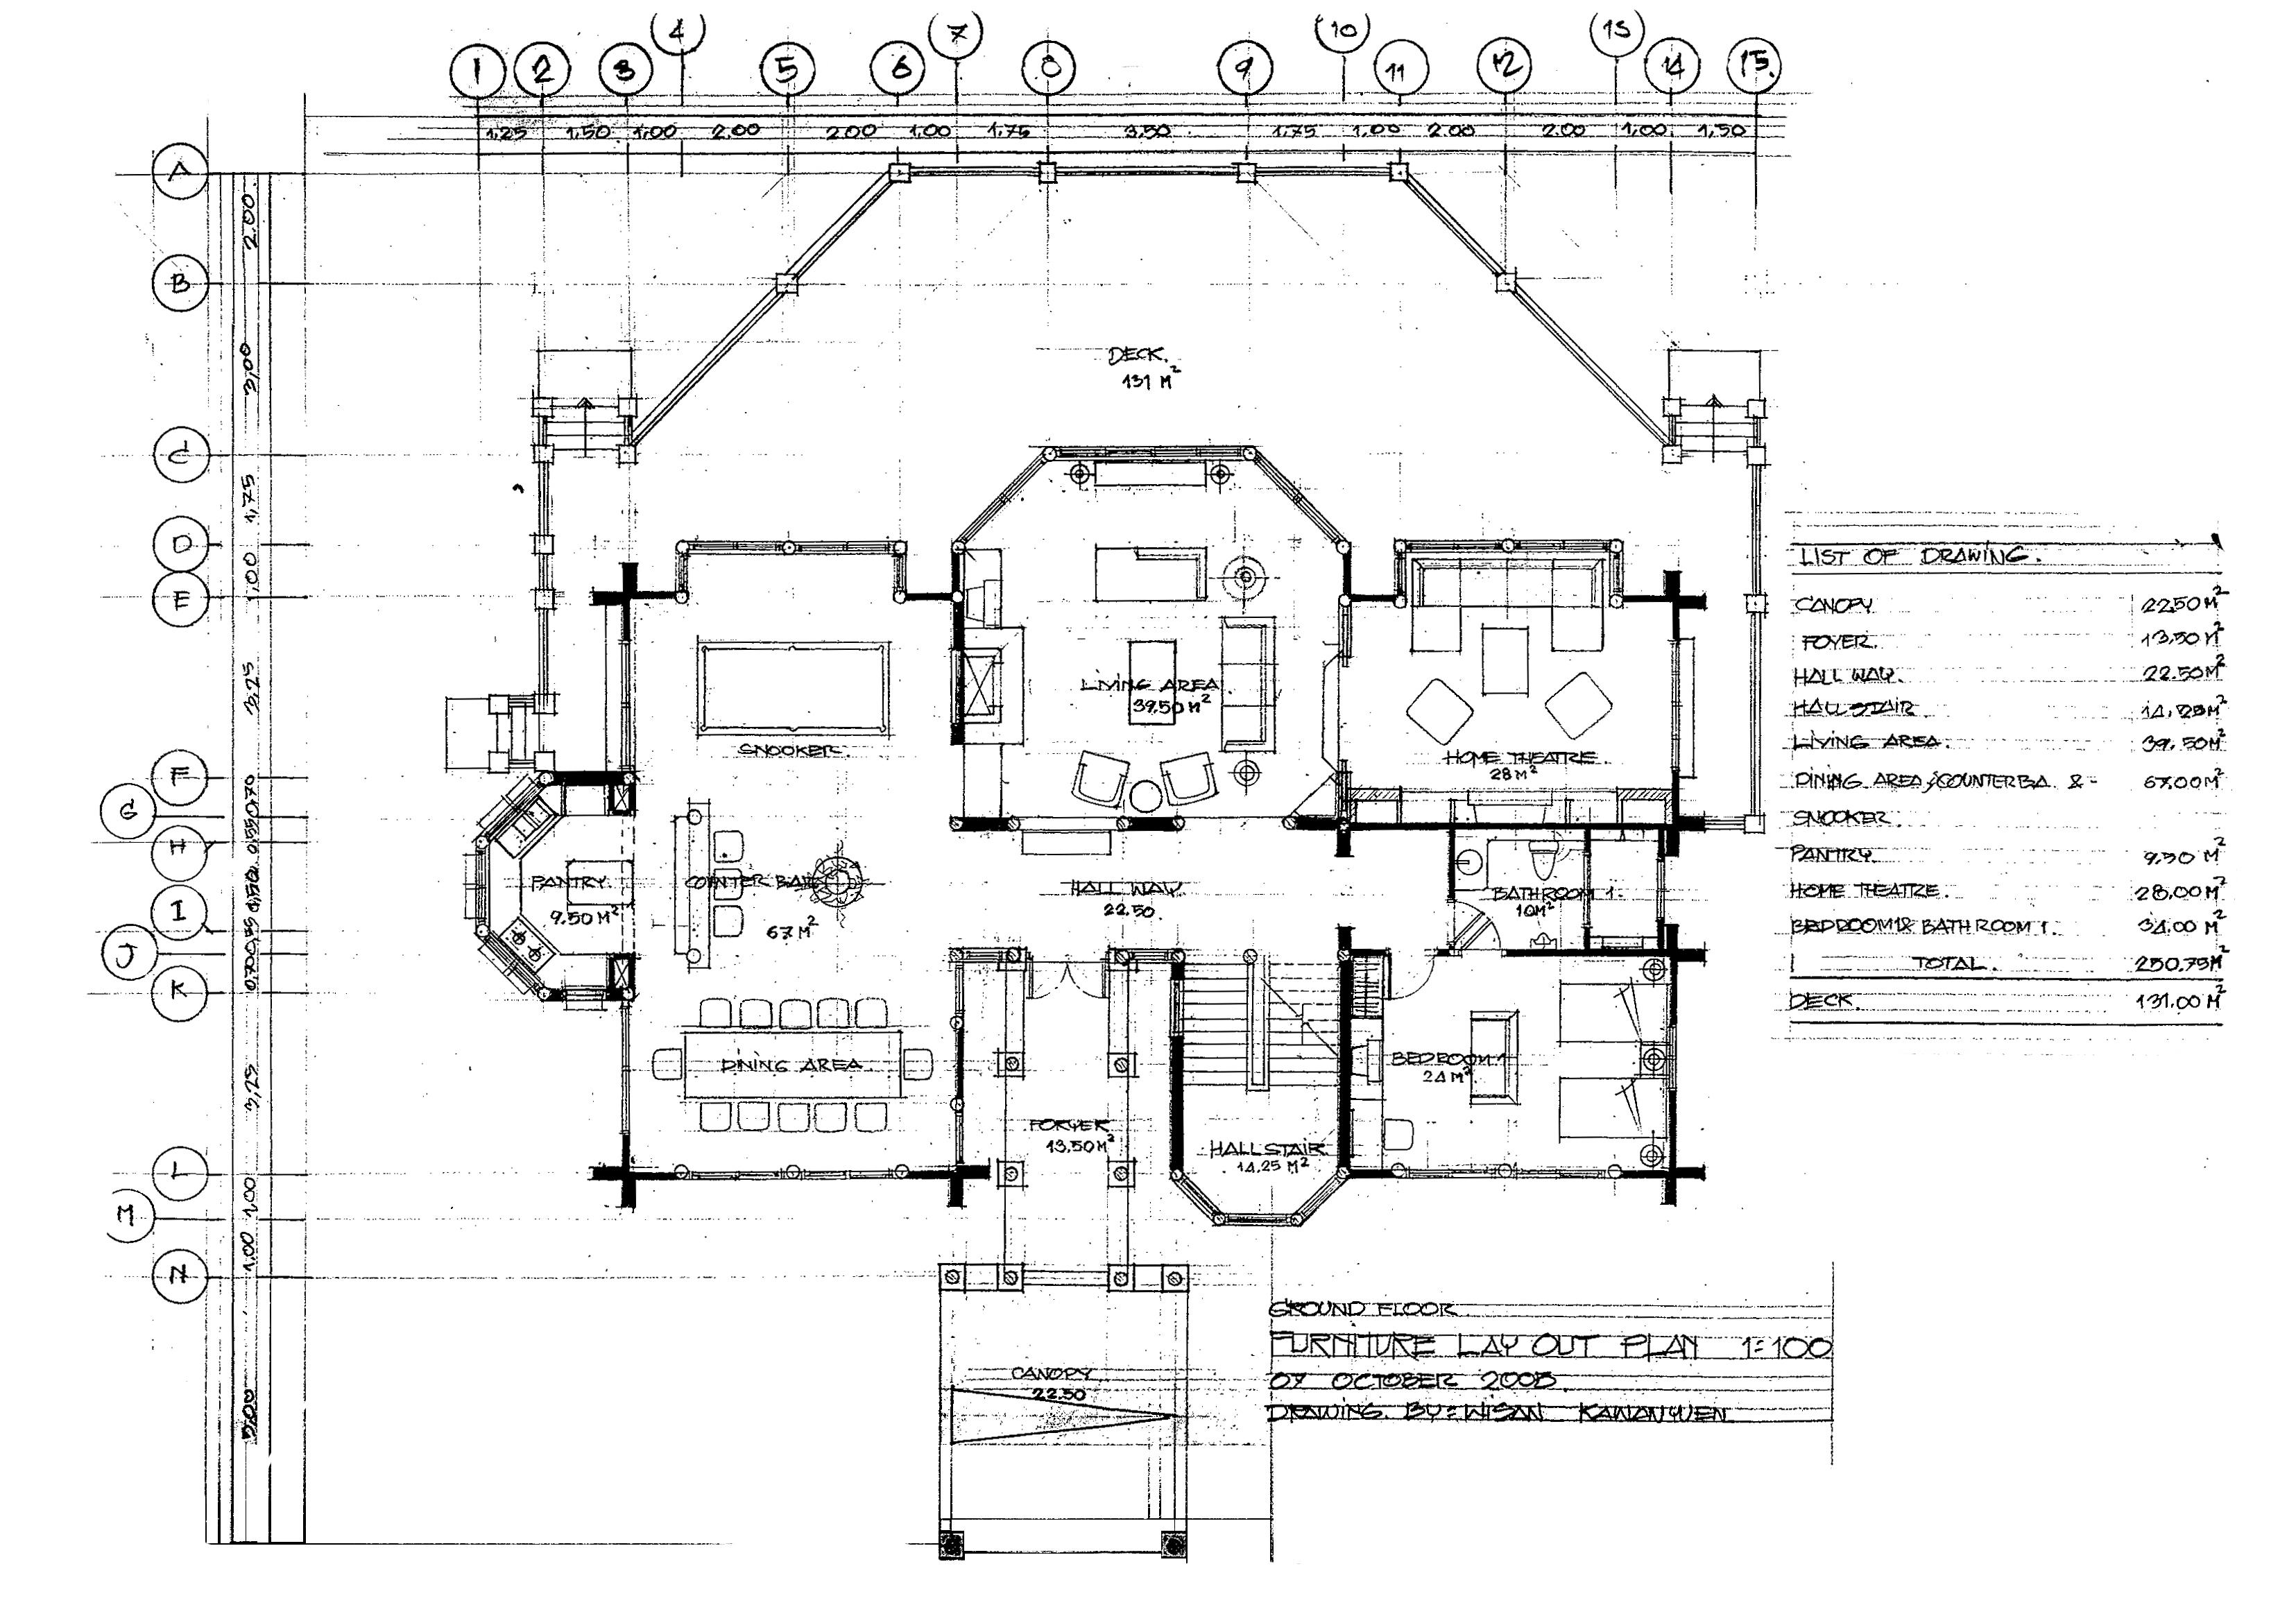 Bonanzabuilt-Portfolio-design8-2